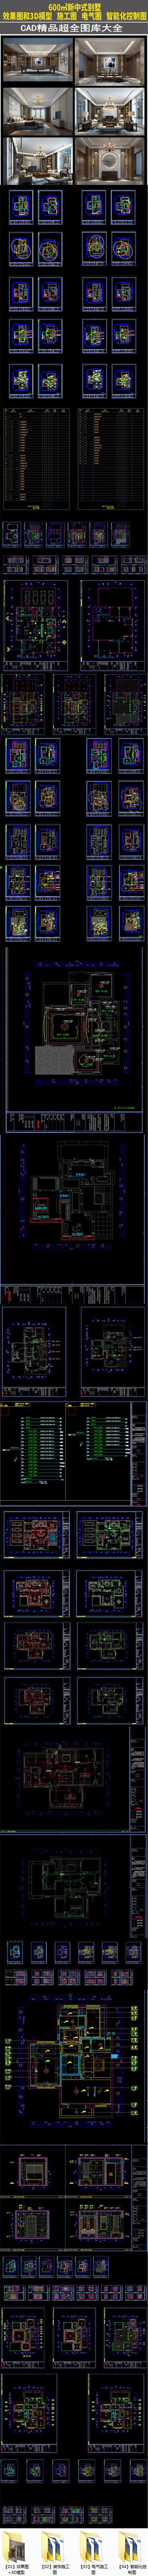 600㎡新中式别墅电气图智能化控制图